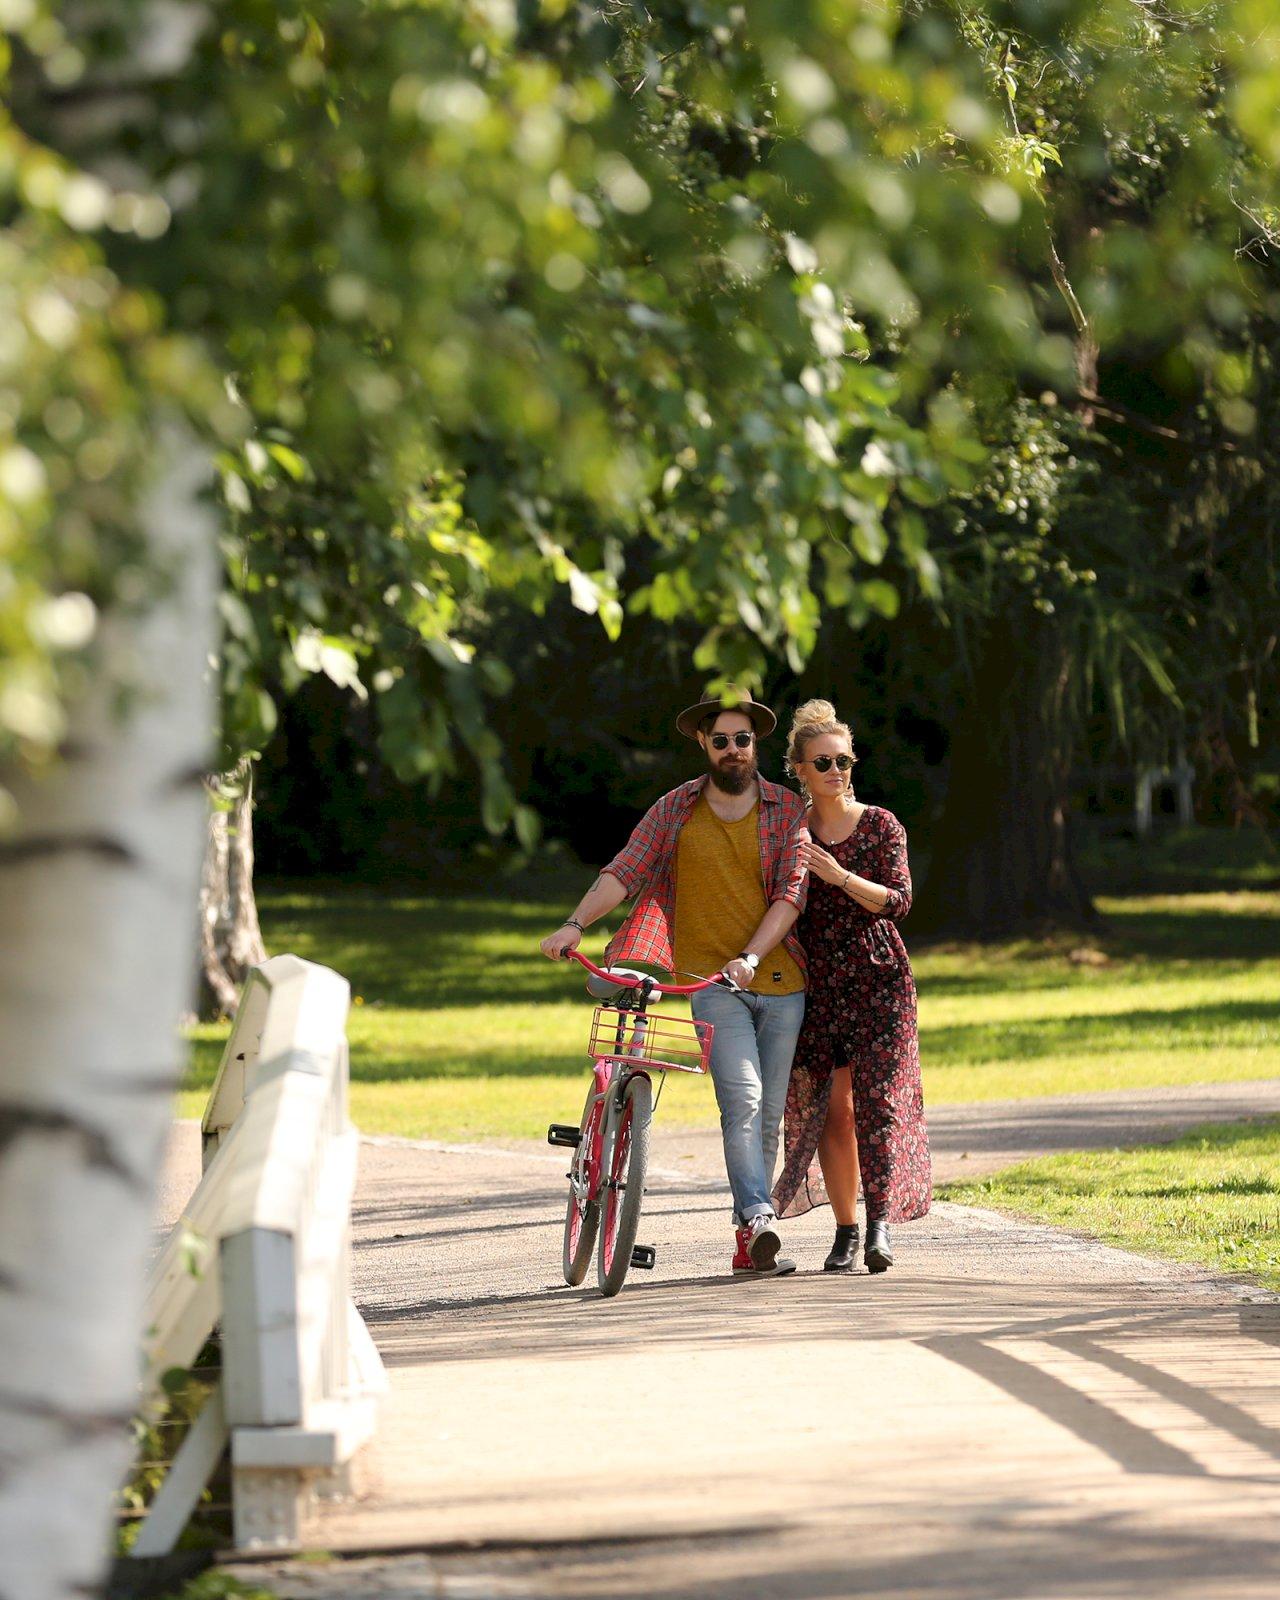 Mies ja nainen kävelevät Oulun puistossa sillan yli taluttaen pyörää.